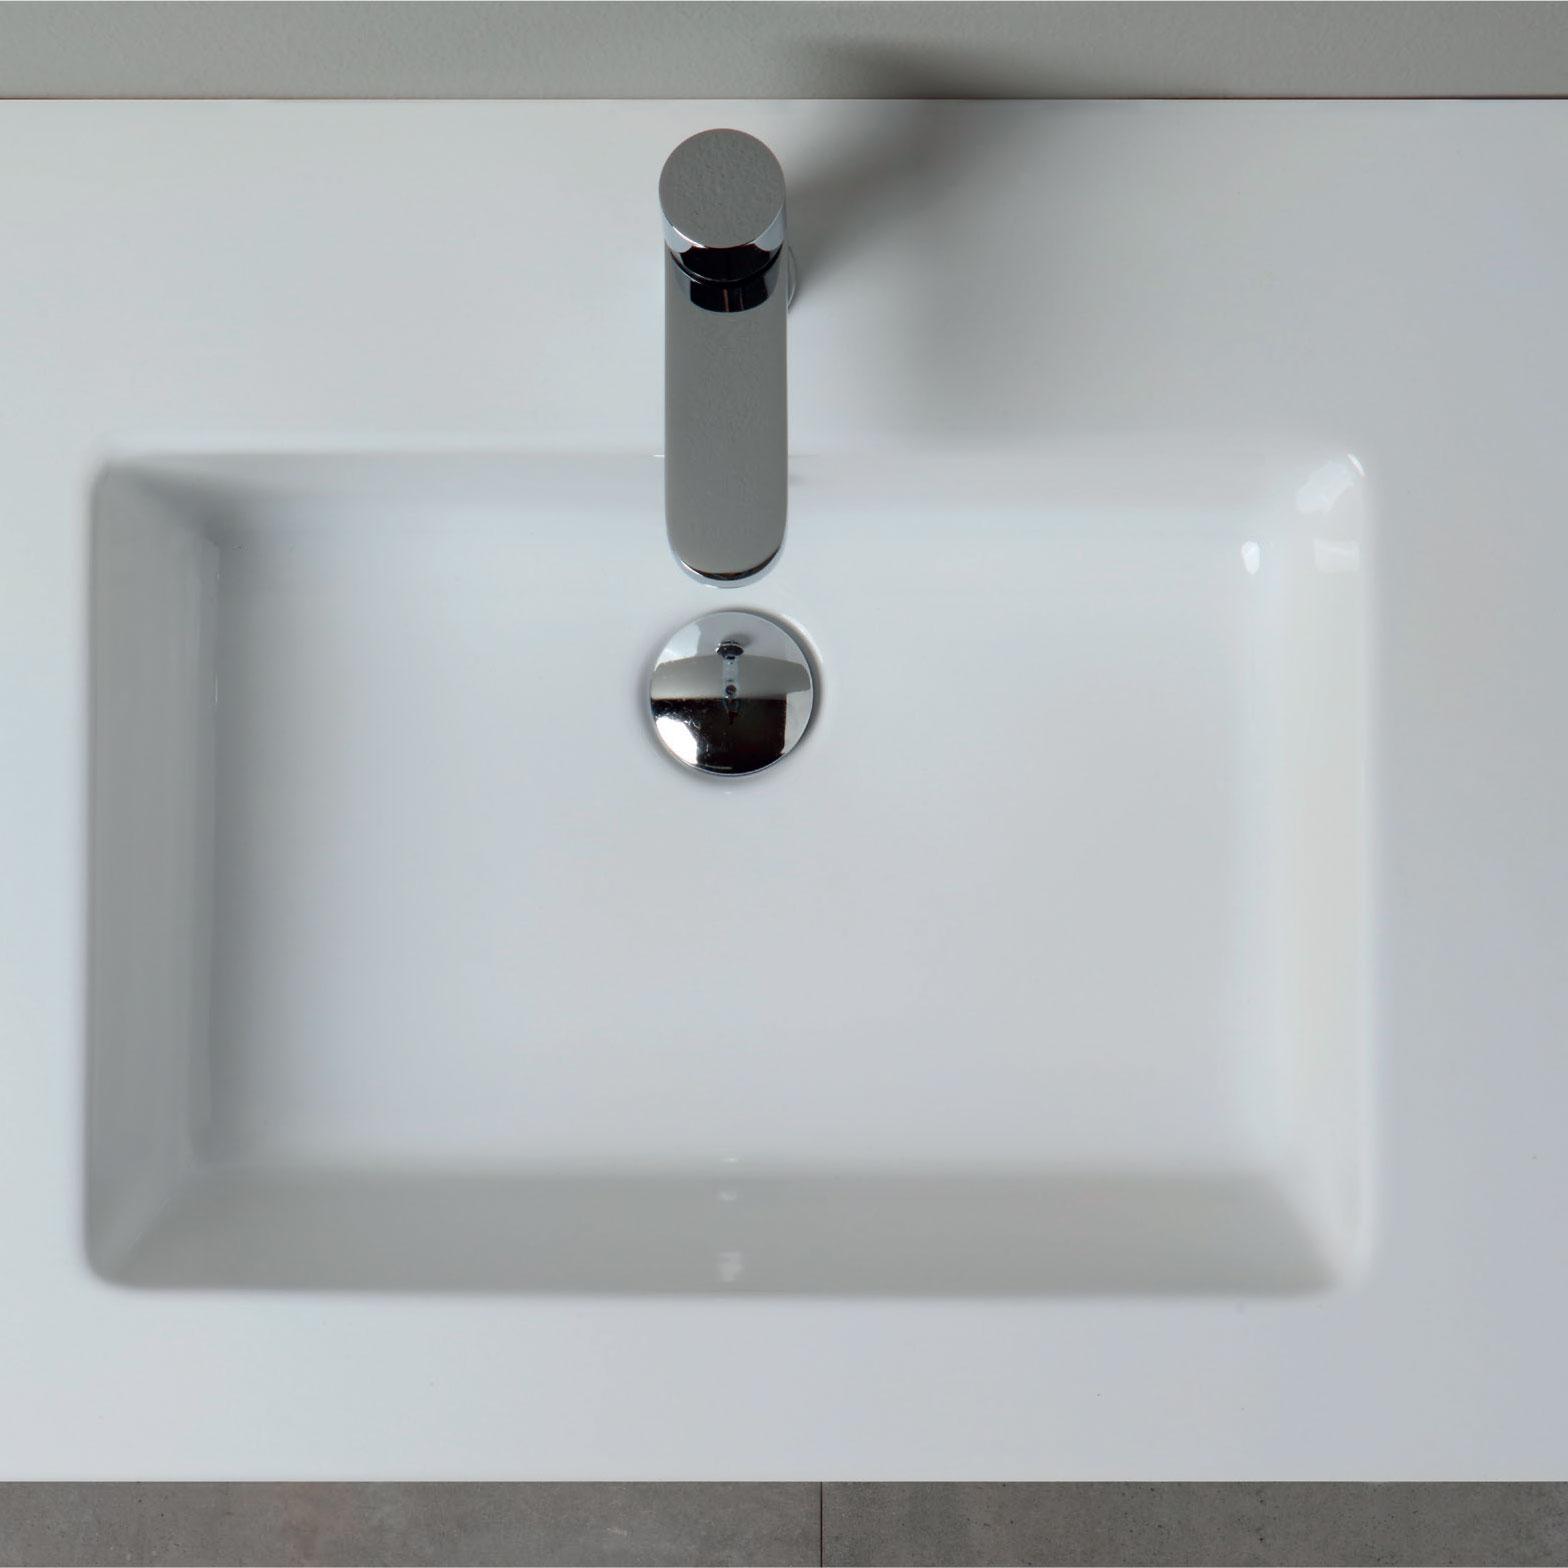 Lavabo consolle in ceramica cm 91x51 per installazione sospesa o da appoggio su mobile Azzurra Slim